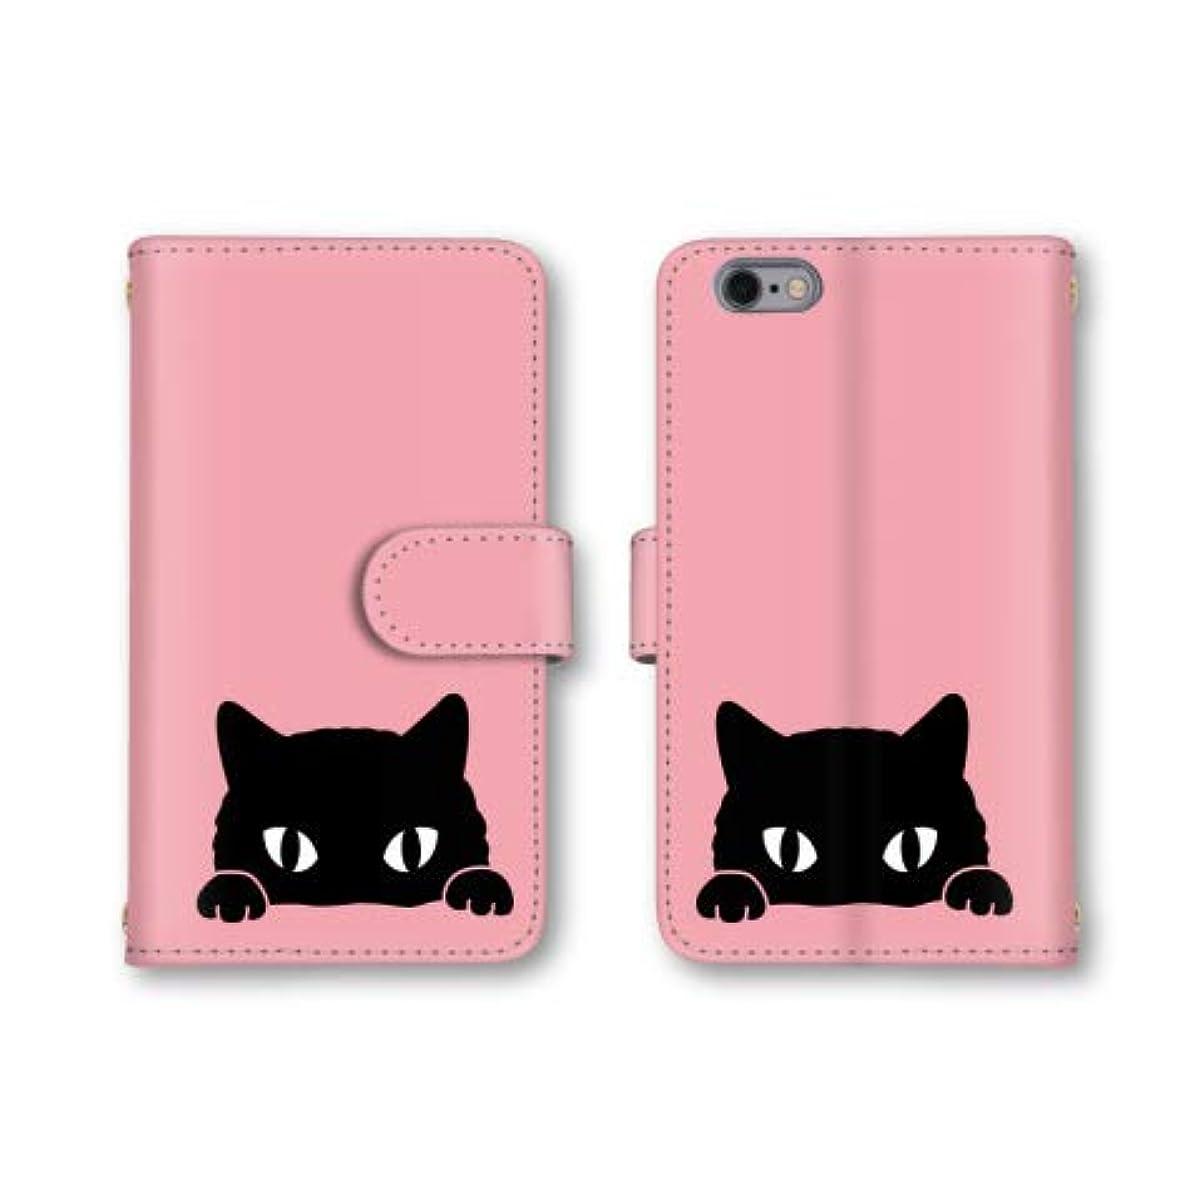 樹皮関係思想ZenFone 4 Max ZC520KL ケース スマホケース 手帳型 猫 ネコ キャット イラスト ピンク ベージュ 黒猫 スマホカバー 携帯カバー ゼンフォン ASUS